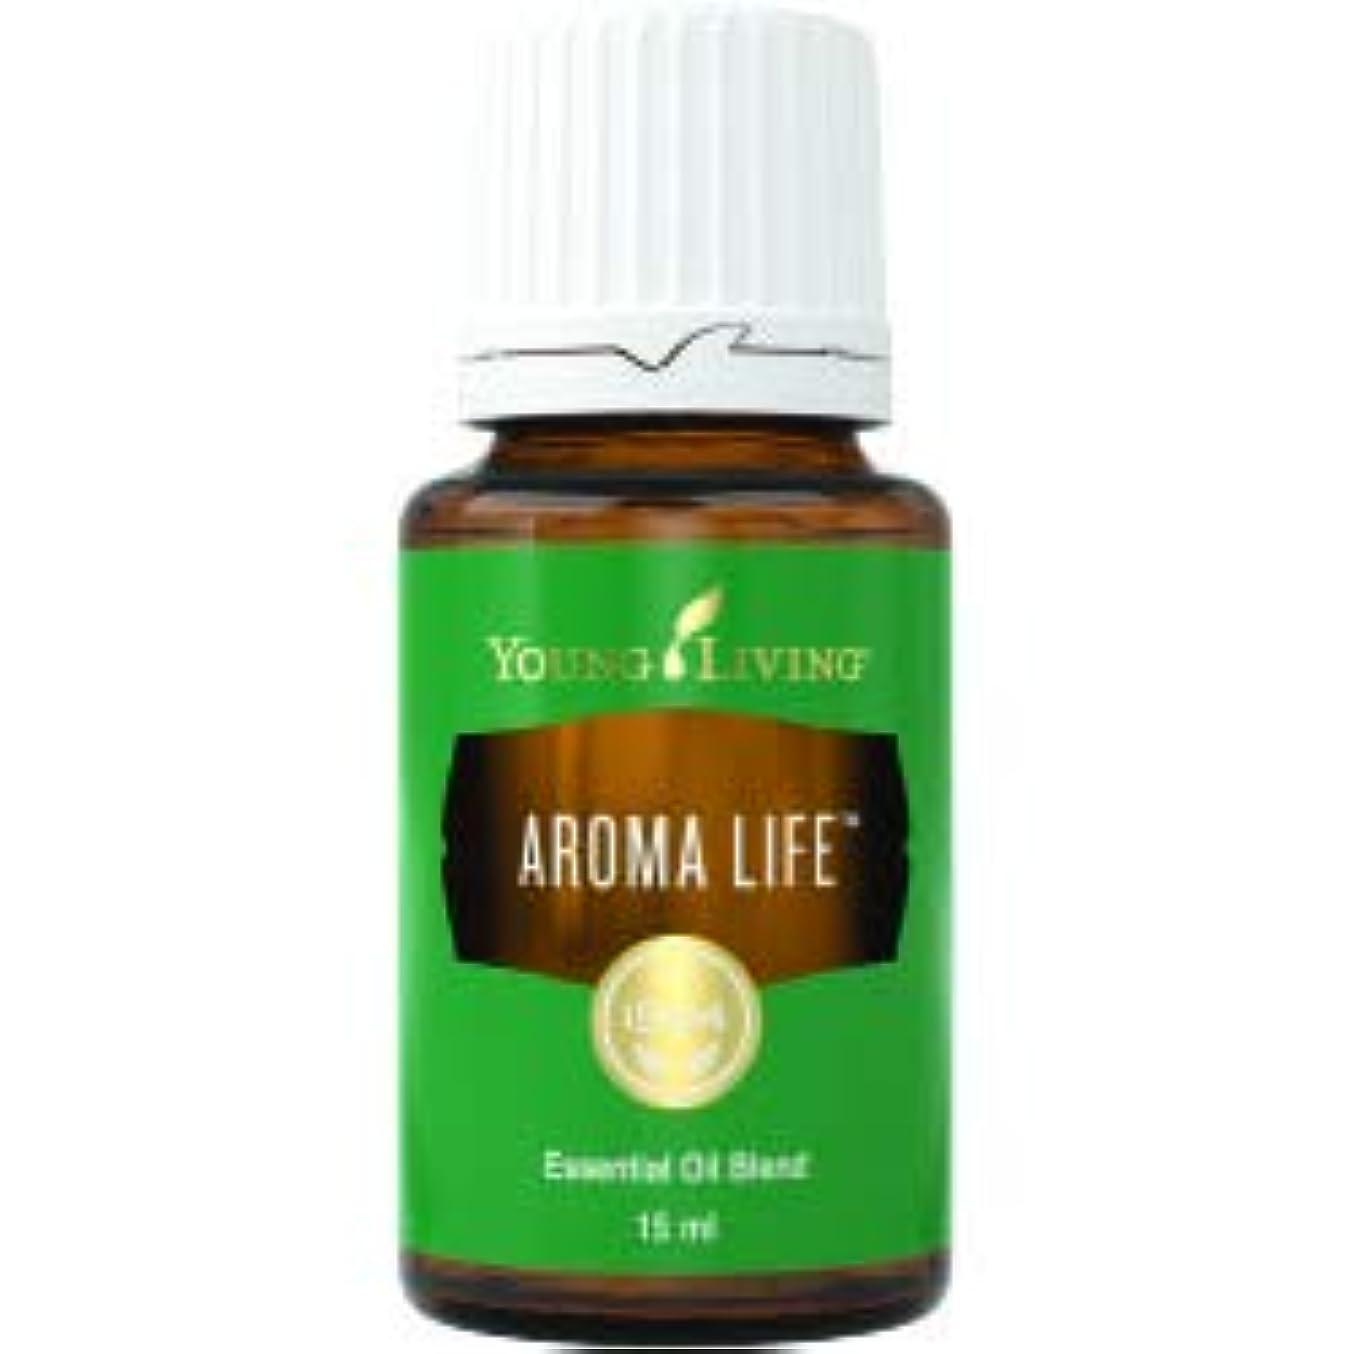 考え指紋虫アロマライフ™は、イランイランの調和効果と既知の大手サイプレス、ヘリクリサム、マジョラムを組み合わせたものです。オイルブレンドはあなたの生命力を活性化し、リラックスをもたらします Aroma Life Essential...